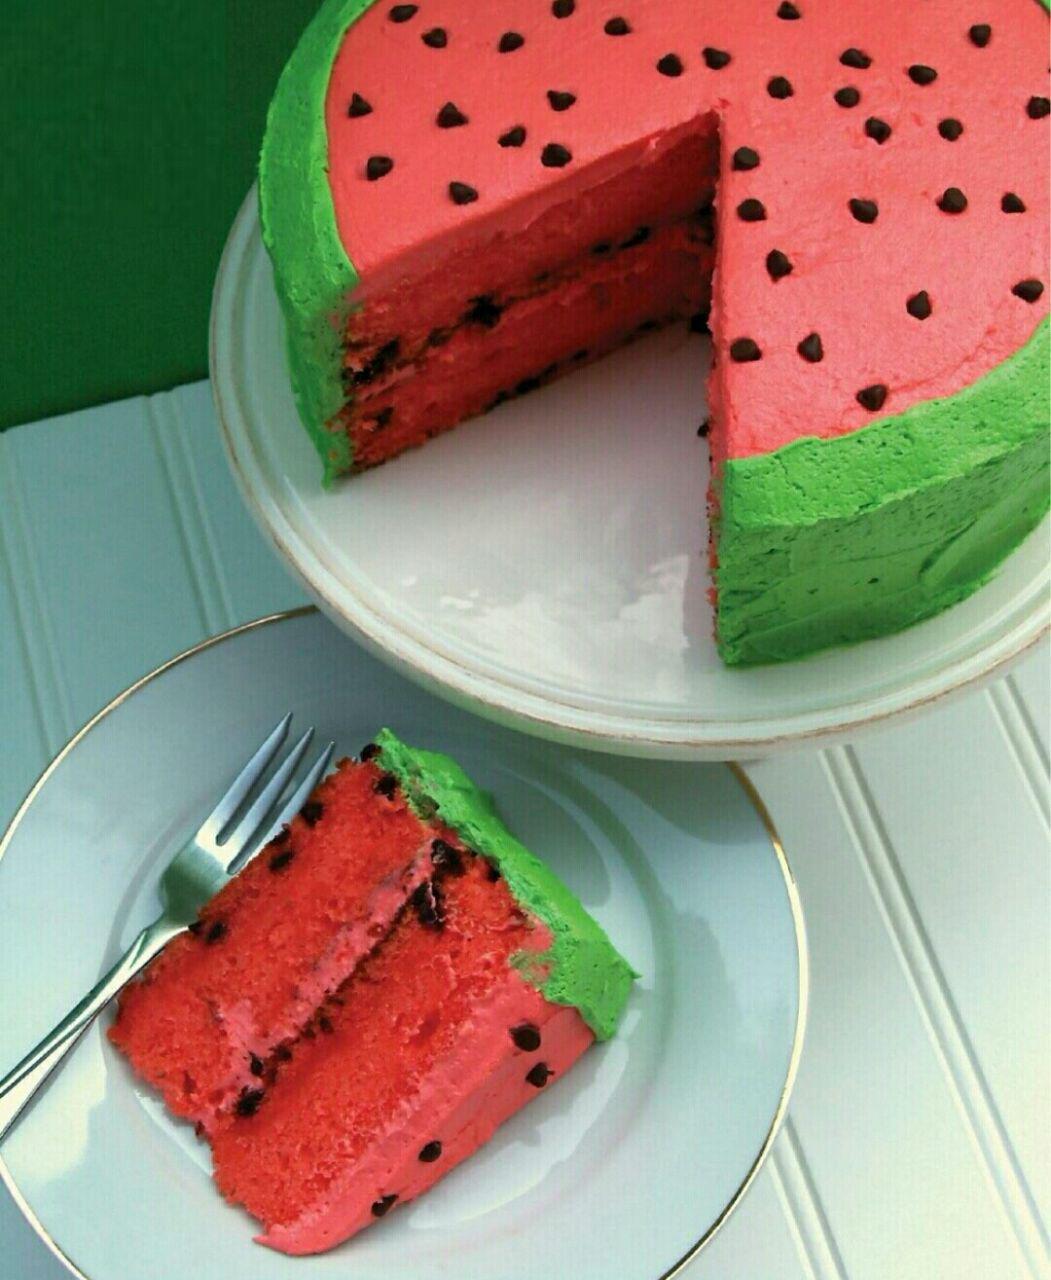 طرز تهیه کیک به شکل هندوانه